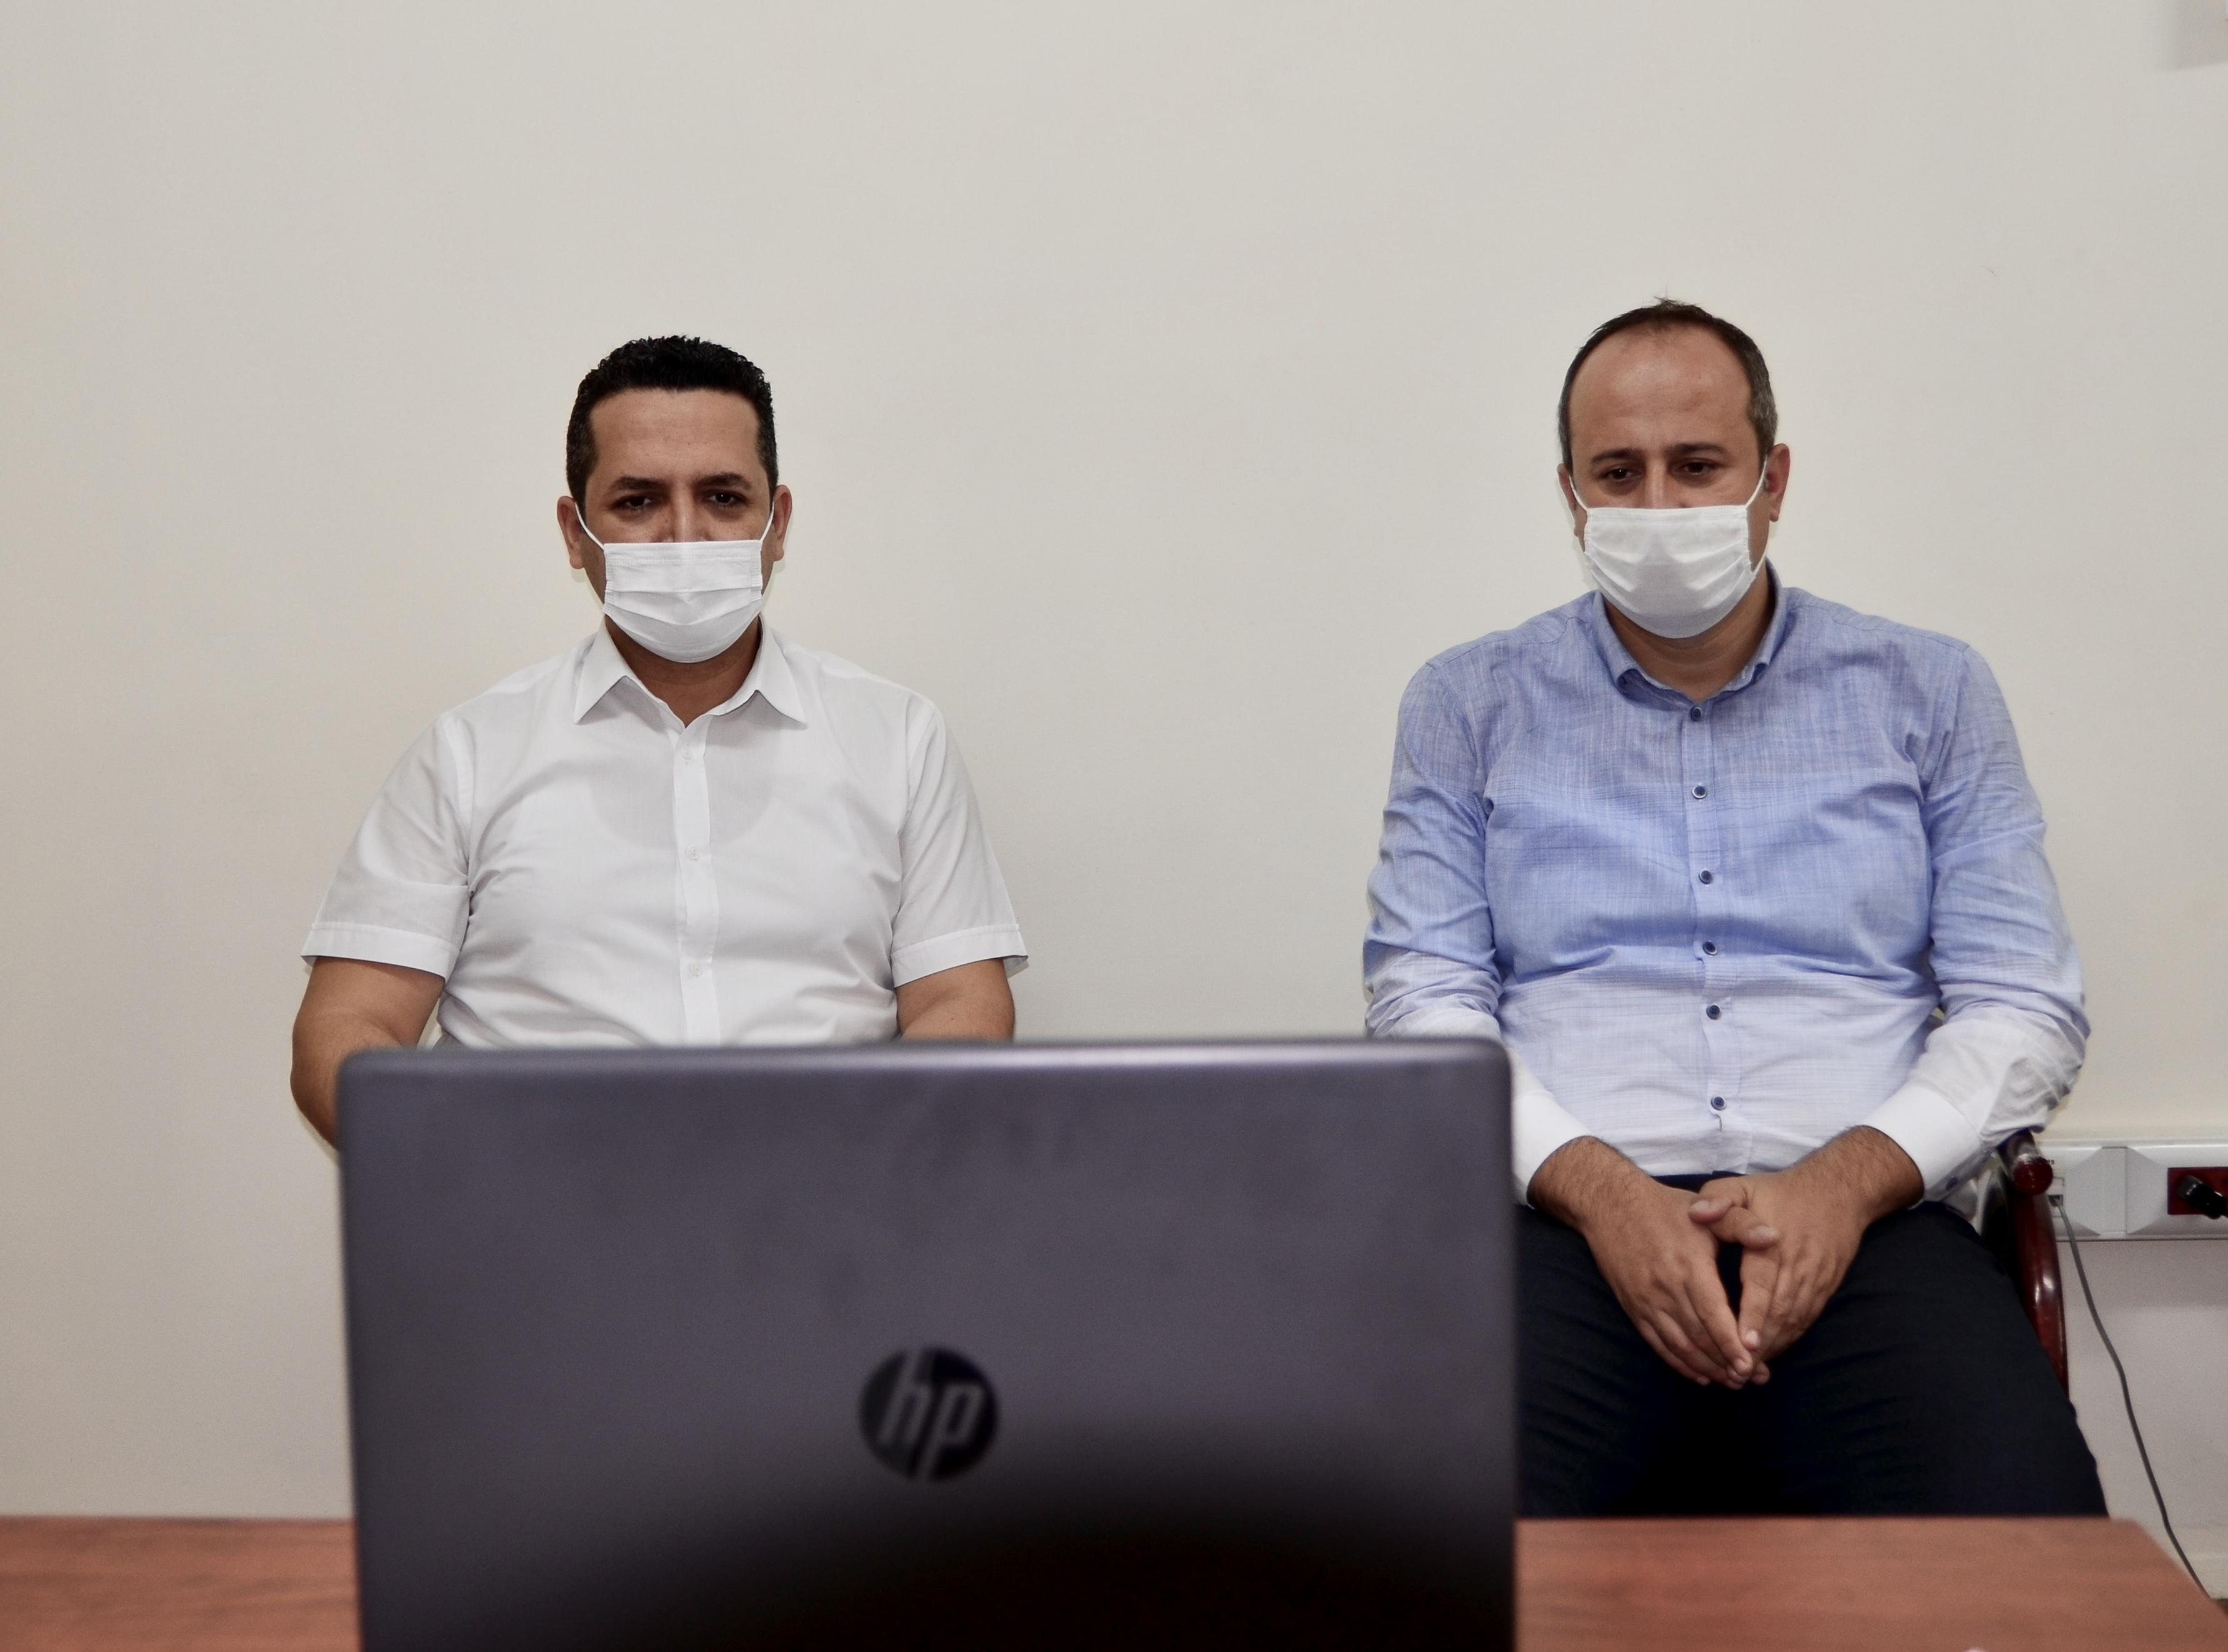 2020 Yılı 2. Mahalli Çevre Kurulu Toplantısı Pandemi Nedeniyle Online Olarak Yapıldı